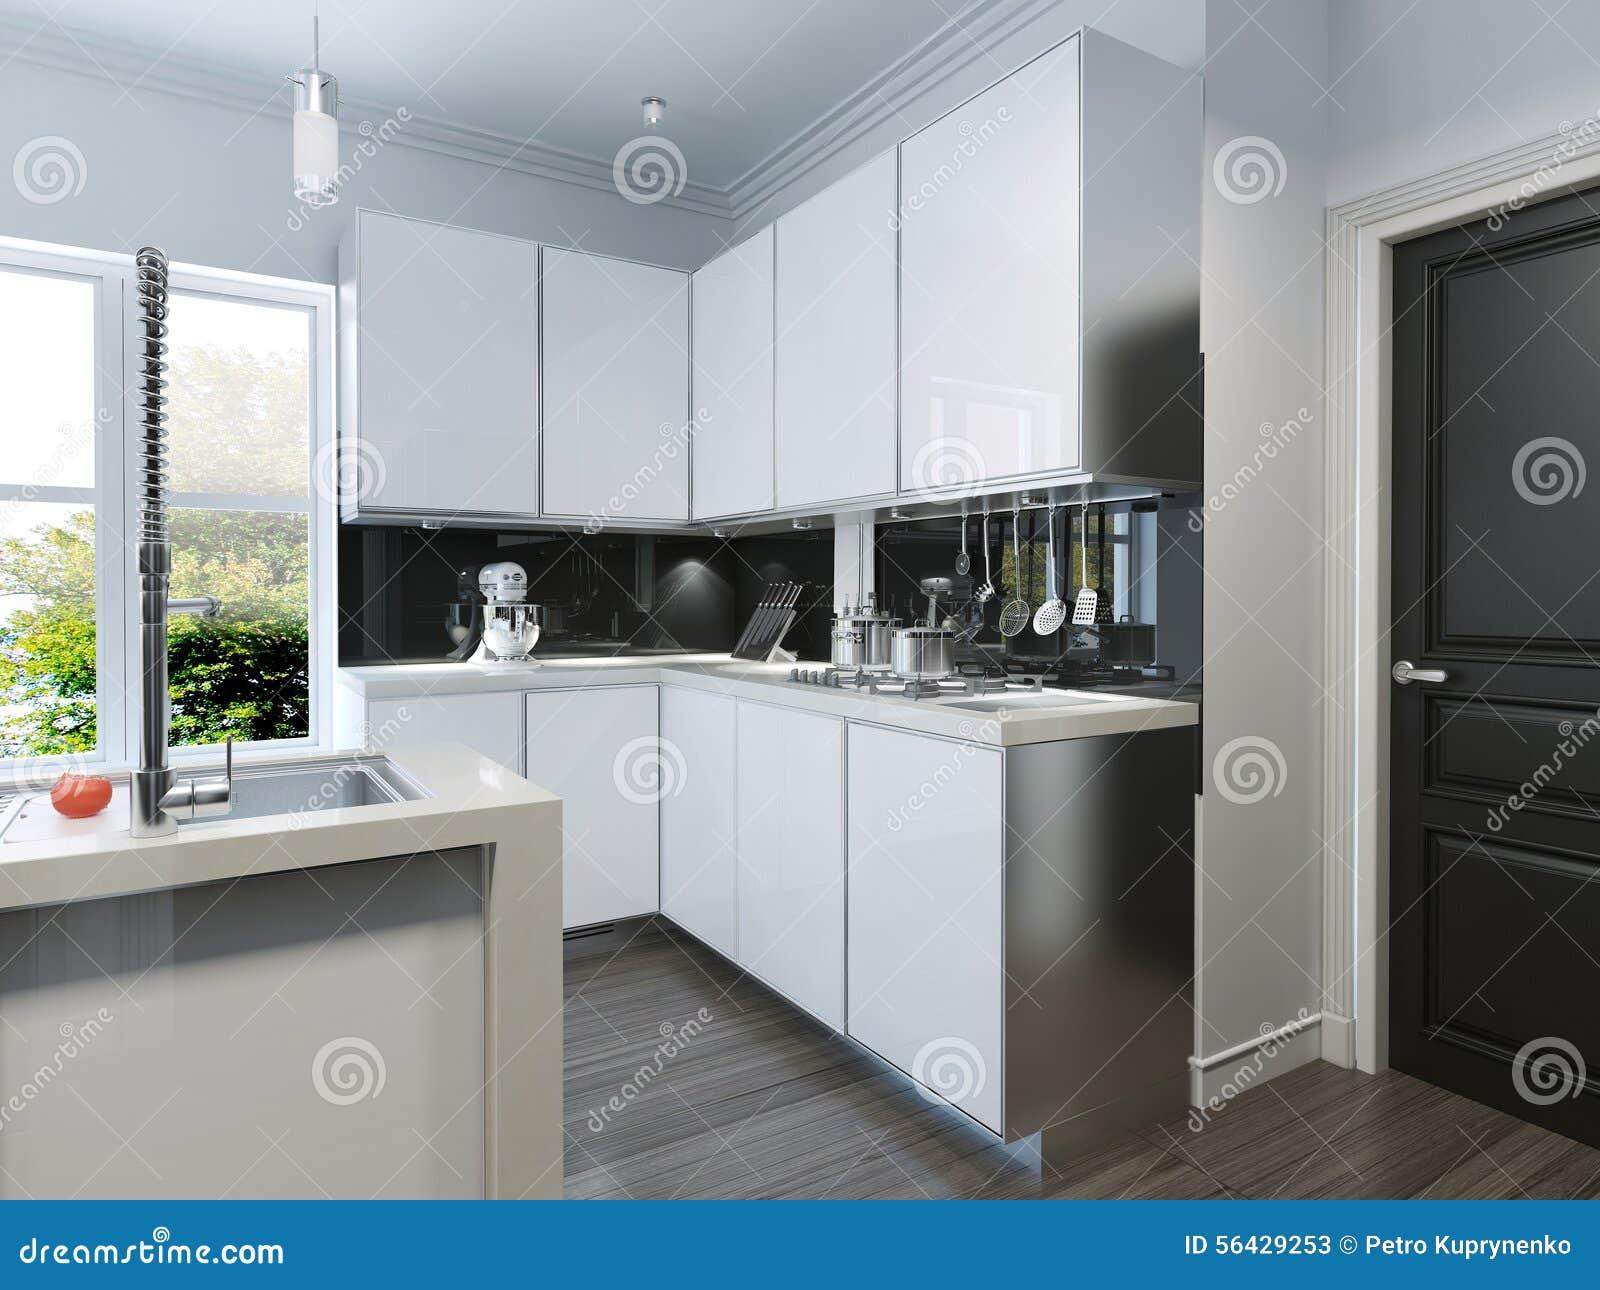 Keuken Moderne Bar : Moderne keuken bar stock illustratie illustratie bestaande uit